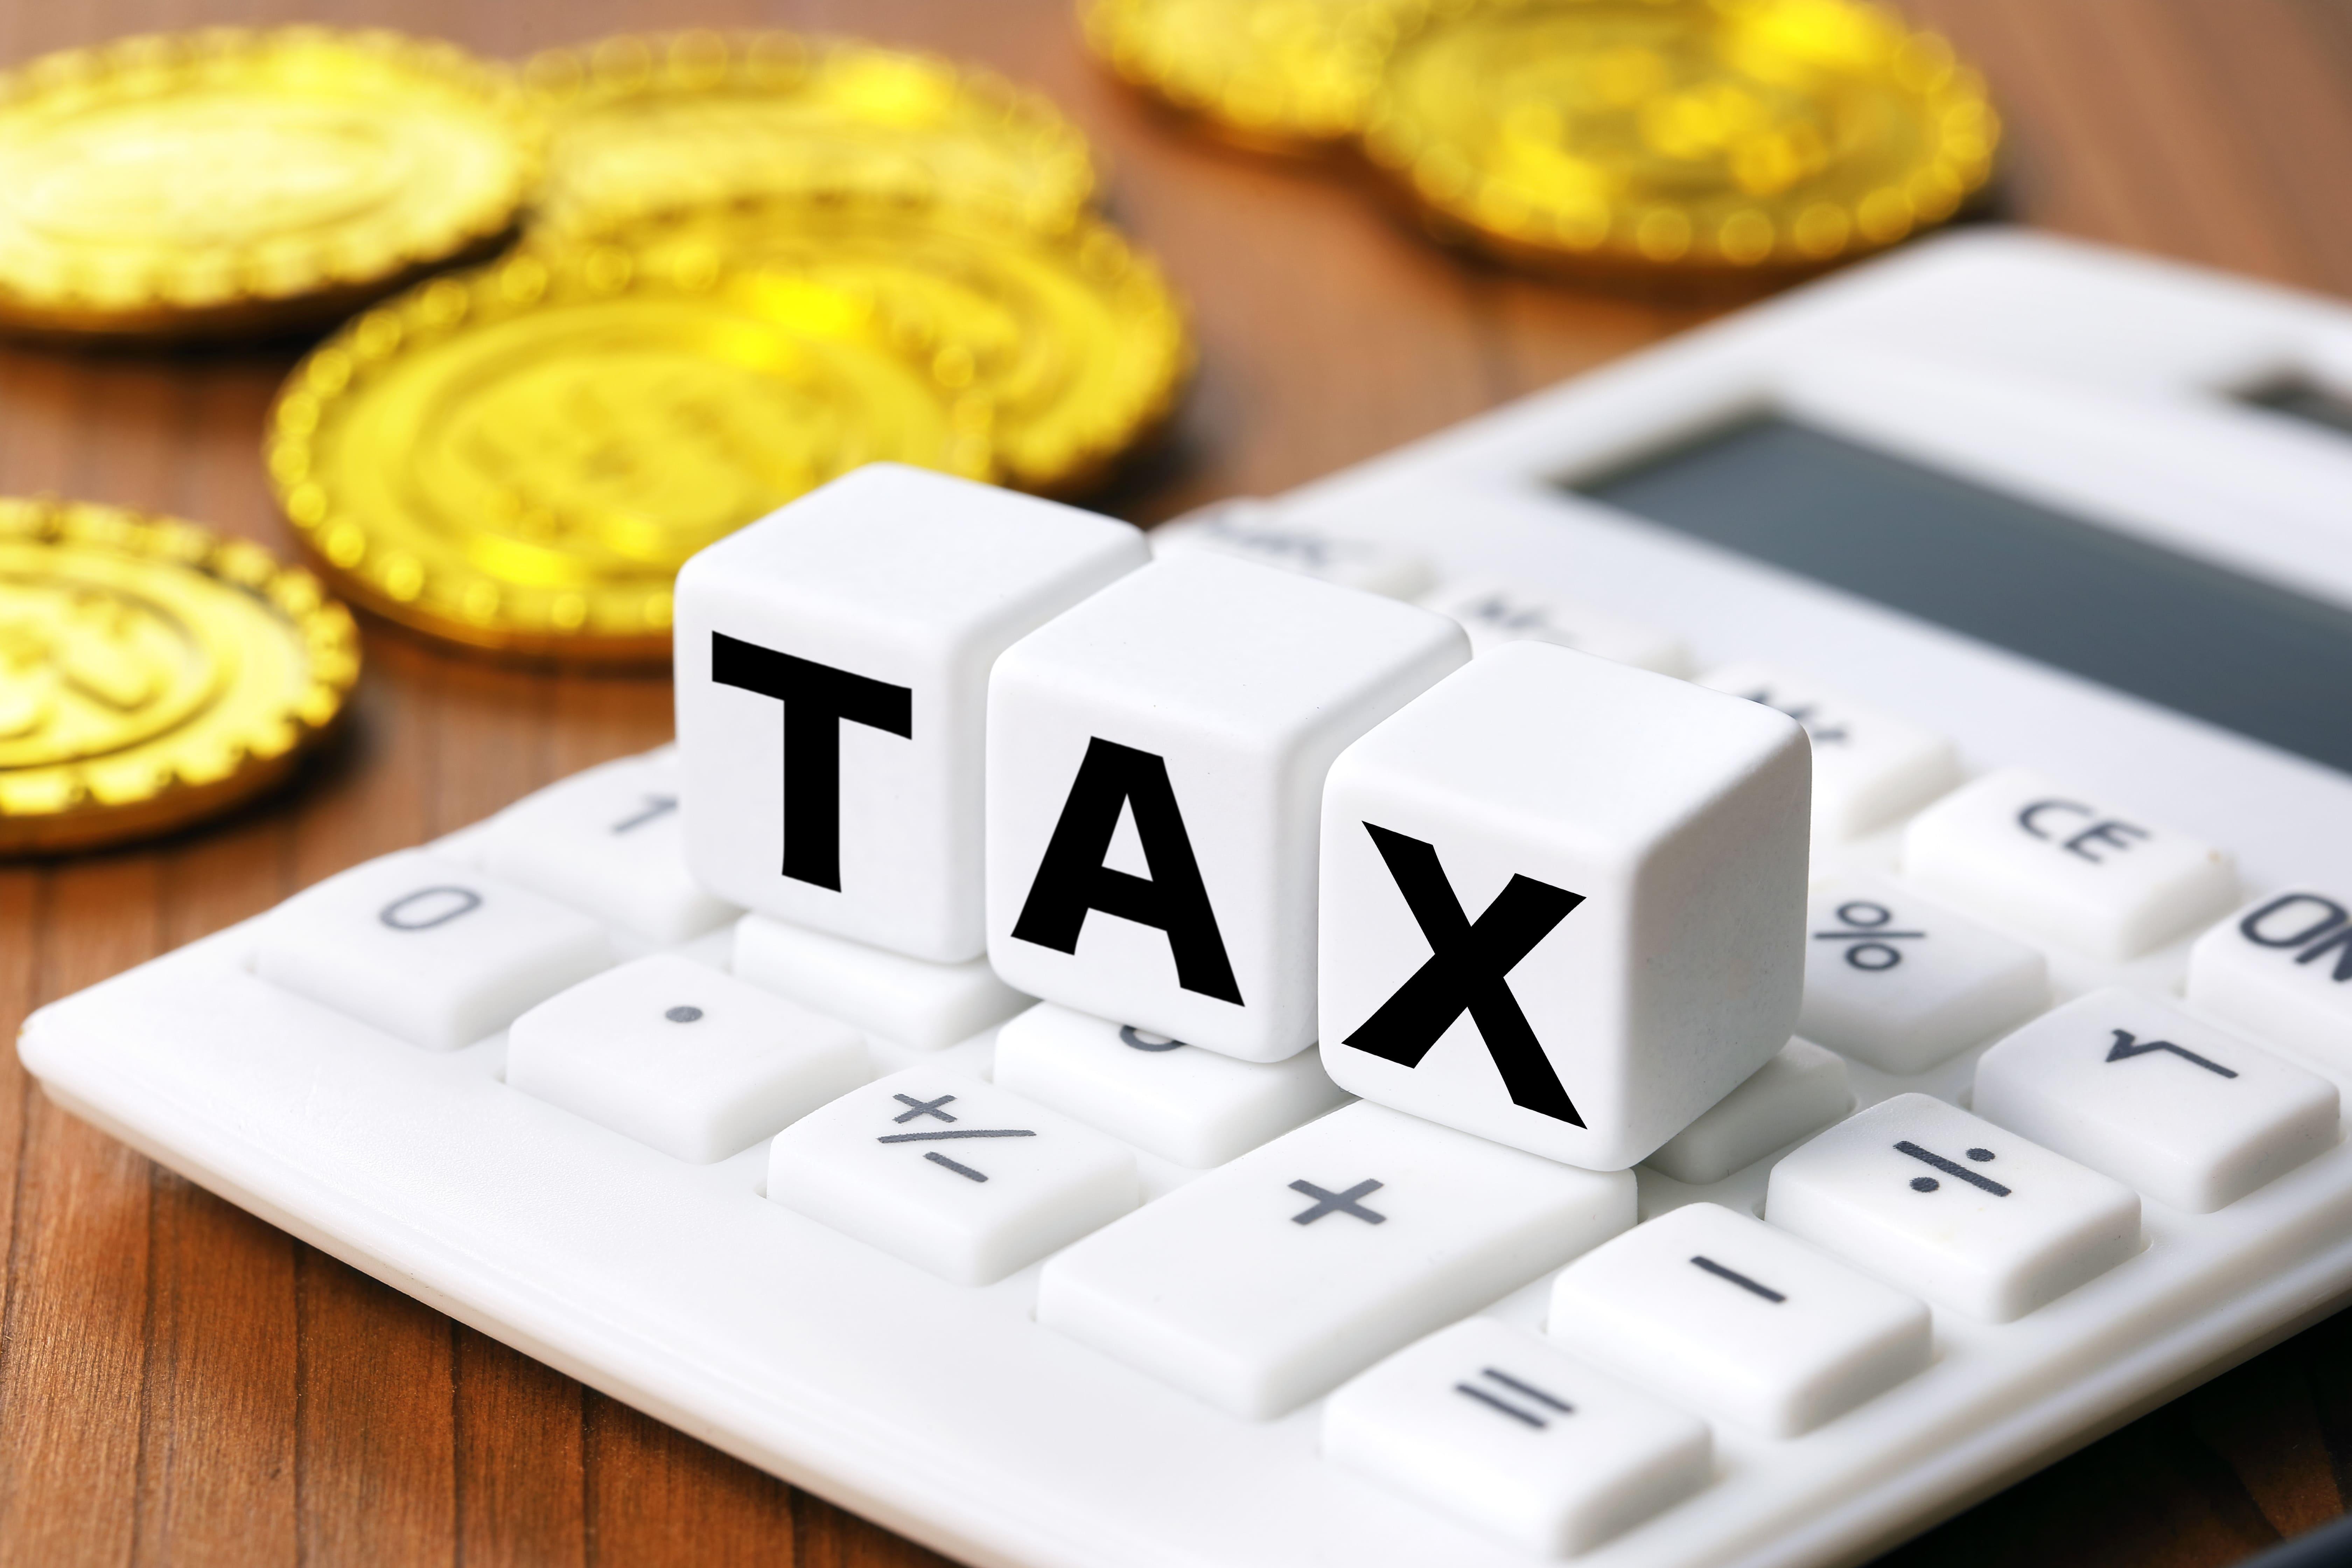 仮想通貨取引にかかる税金を払えないとどうなる?